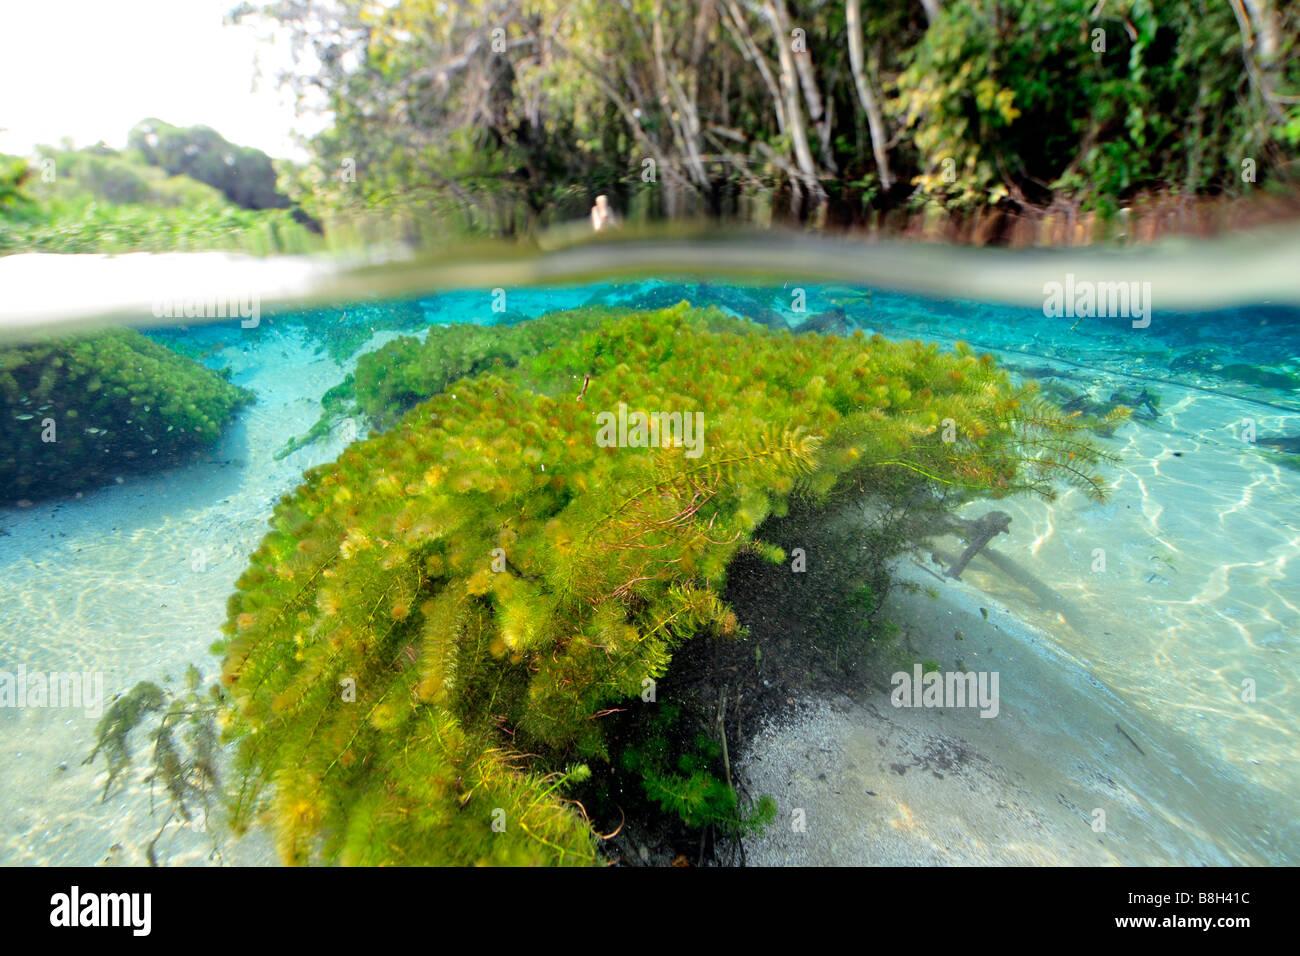 La végétation sous-marine, algues, stonewort principalement Chara rusbyana, au fleuve Sucuri, bonite, Photo Stock